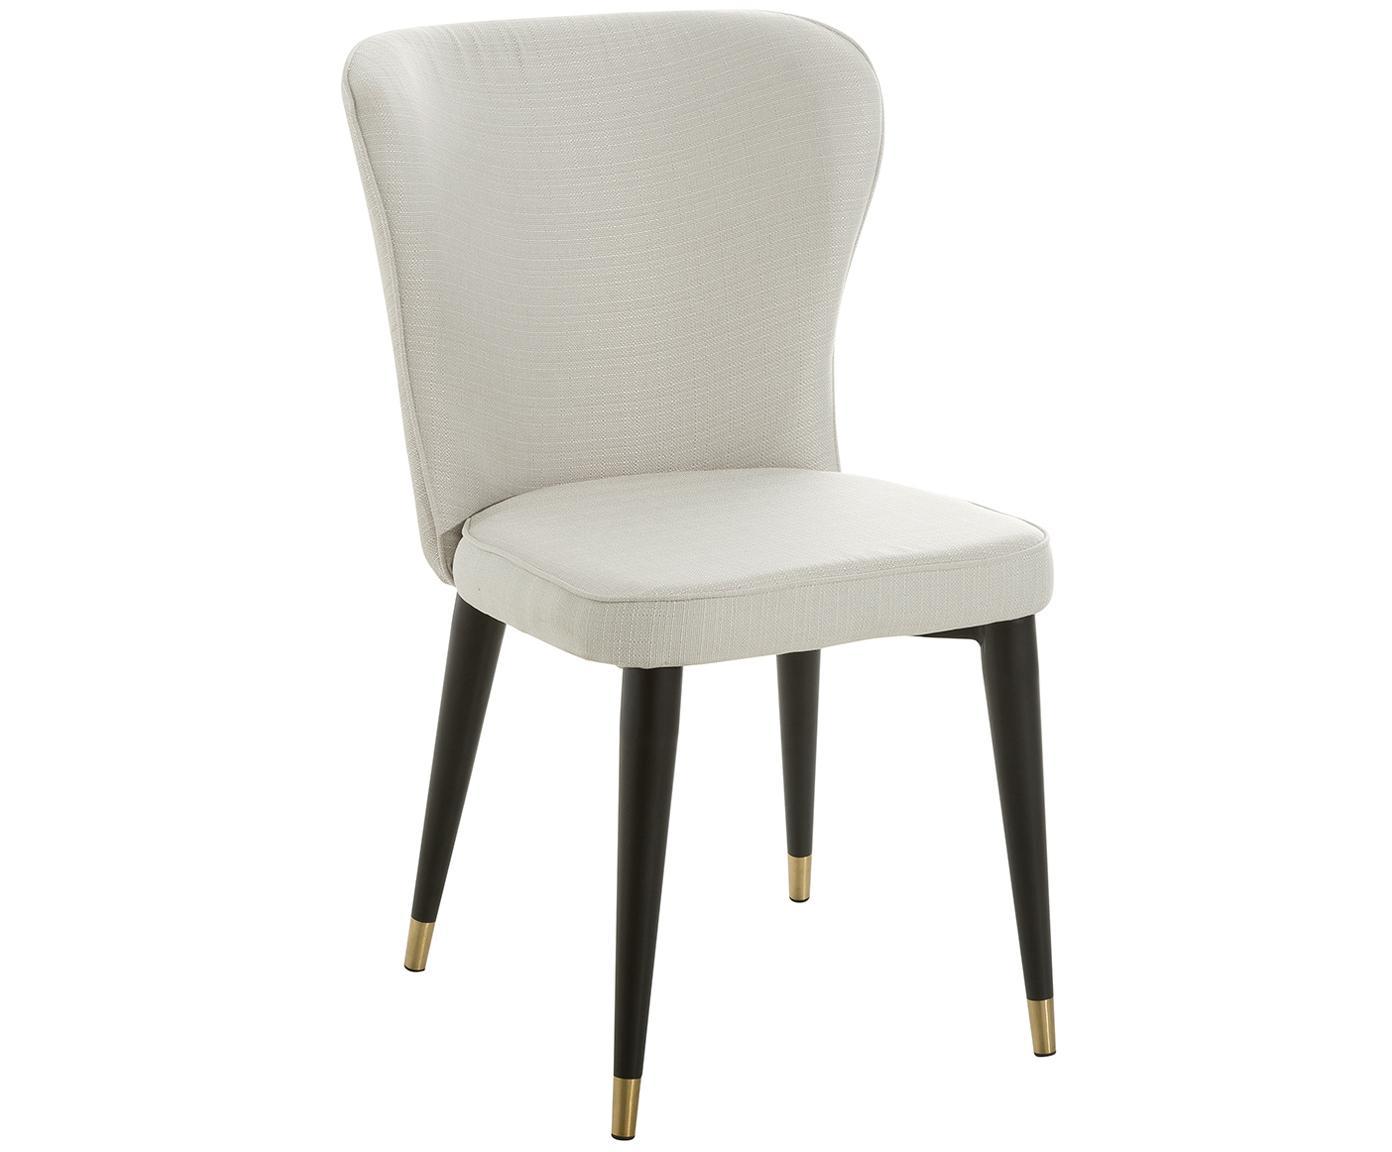 Gestoffeerde stoel Cleo, Bekleding: polyester, Poten: gepoedercoat metaal, Crèmewit, 51 x 62 cm